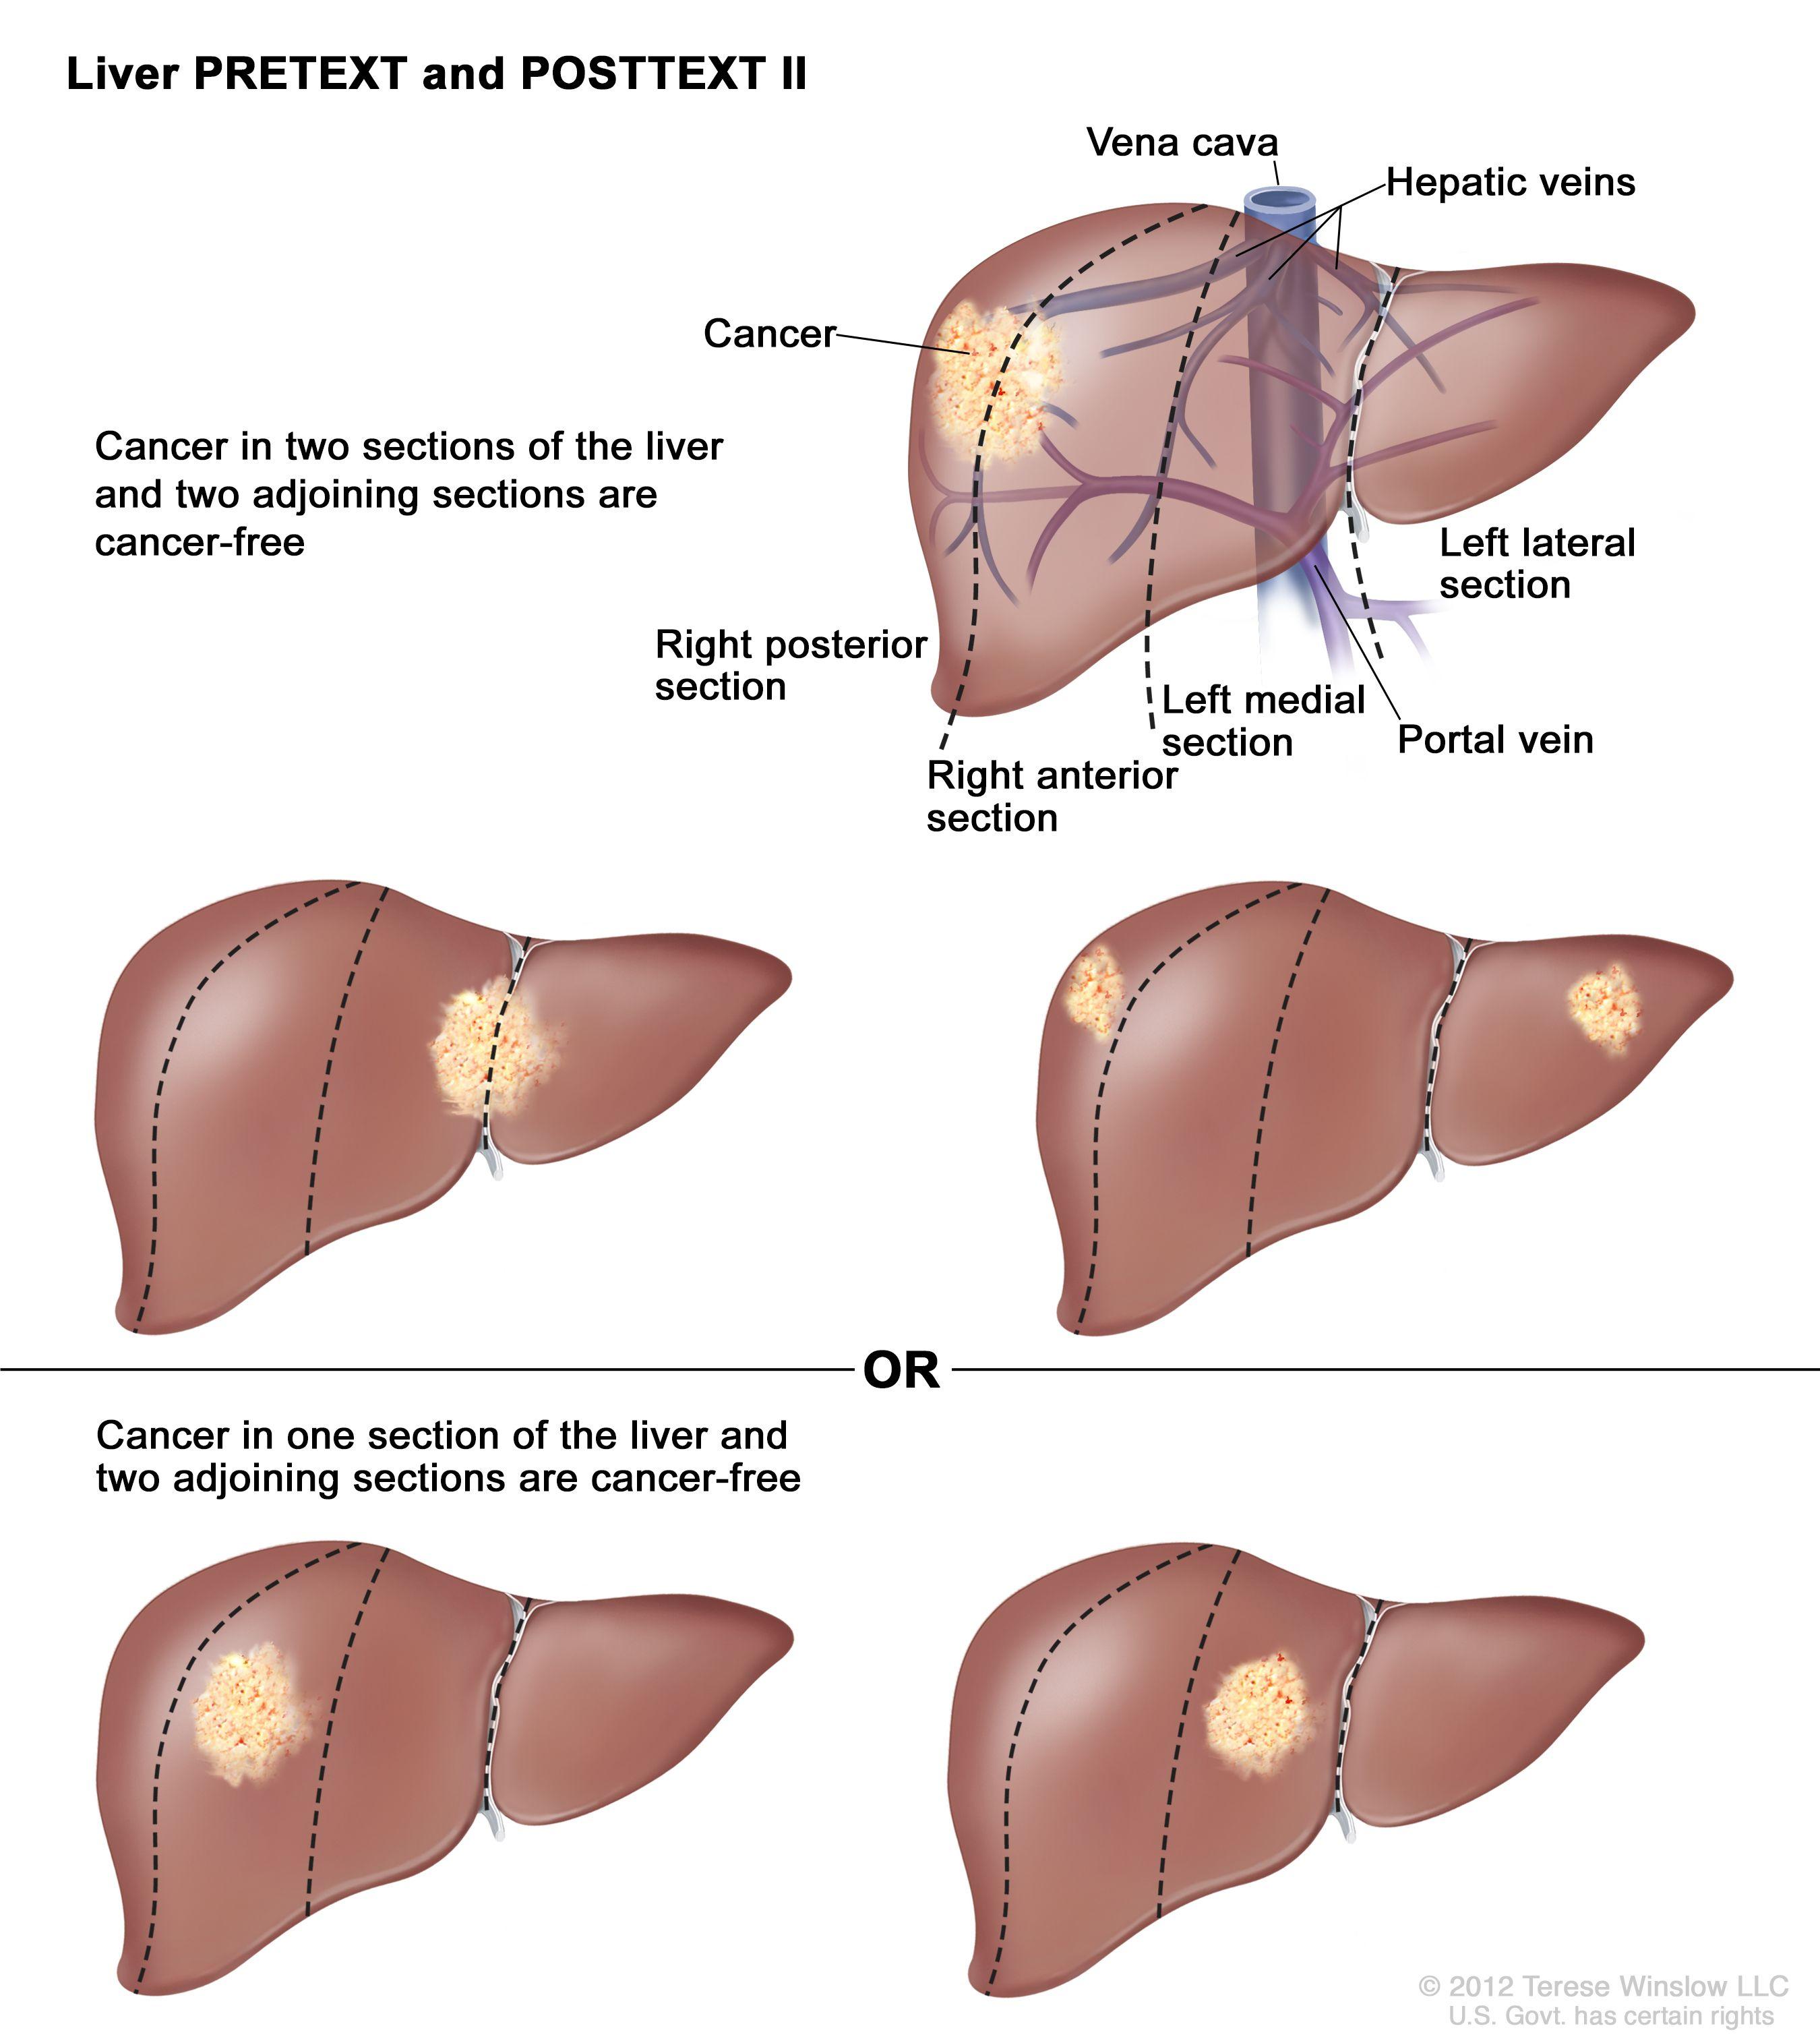 肝のPRETEXT II期;図は5つの肝を示す。点線は各肝をほぼ同一サイズの4区域に縦分割している。最初の肝では、がんが左の2つの区域に示されている。2つ目の肝では、がんが右の2つの区域に示されている。3つ目の肝では、がんが左端と右端の区域に示されている。4つ目の肝では、がんが左から2番目の区域に示されている。5つ目の肝では、がんが右から2番目の区域に示されている。